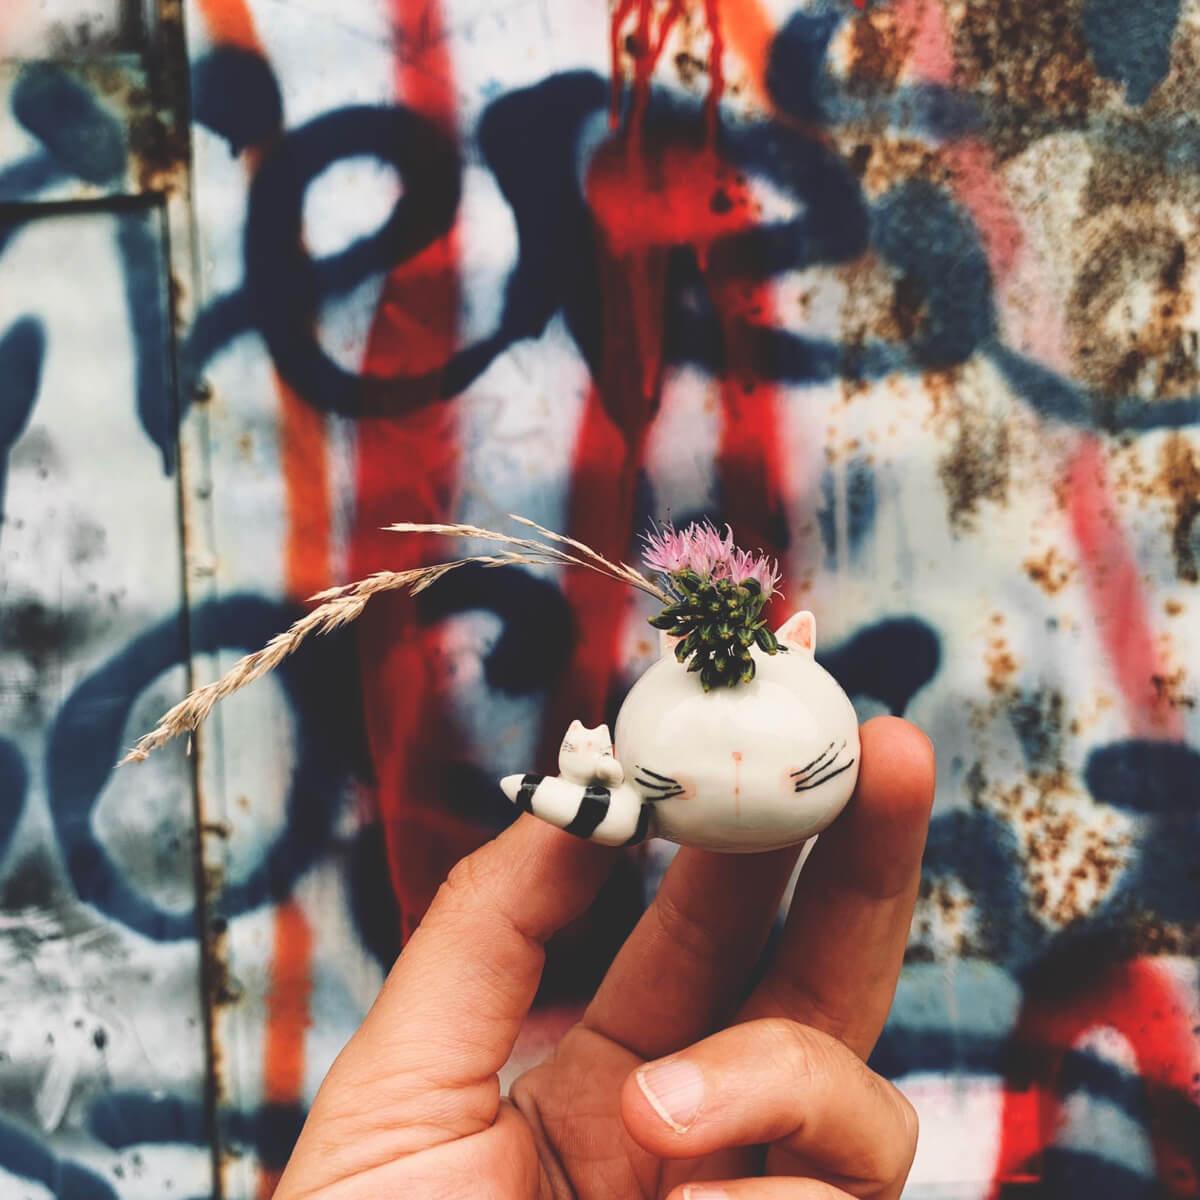 TAKUMI lifestyle - Il valore dell'artista artigiano - Cecilia Mosso 2